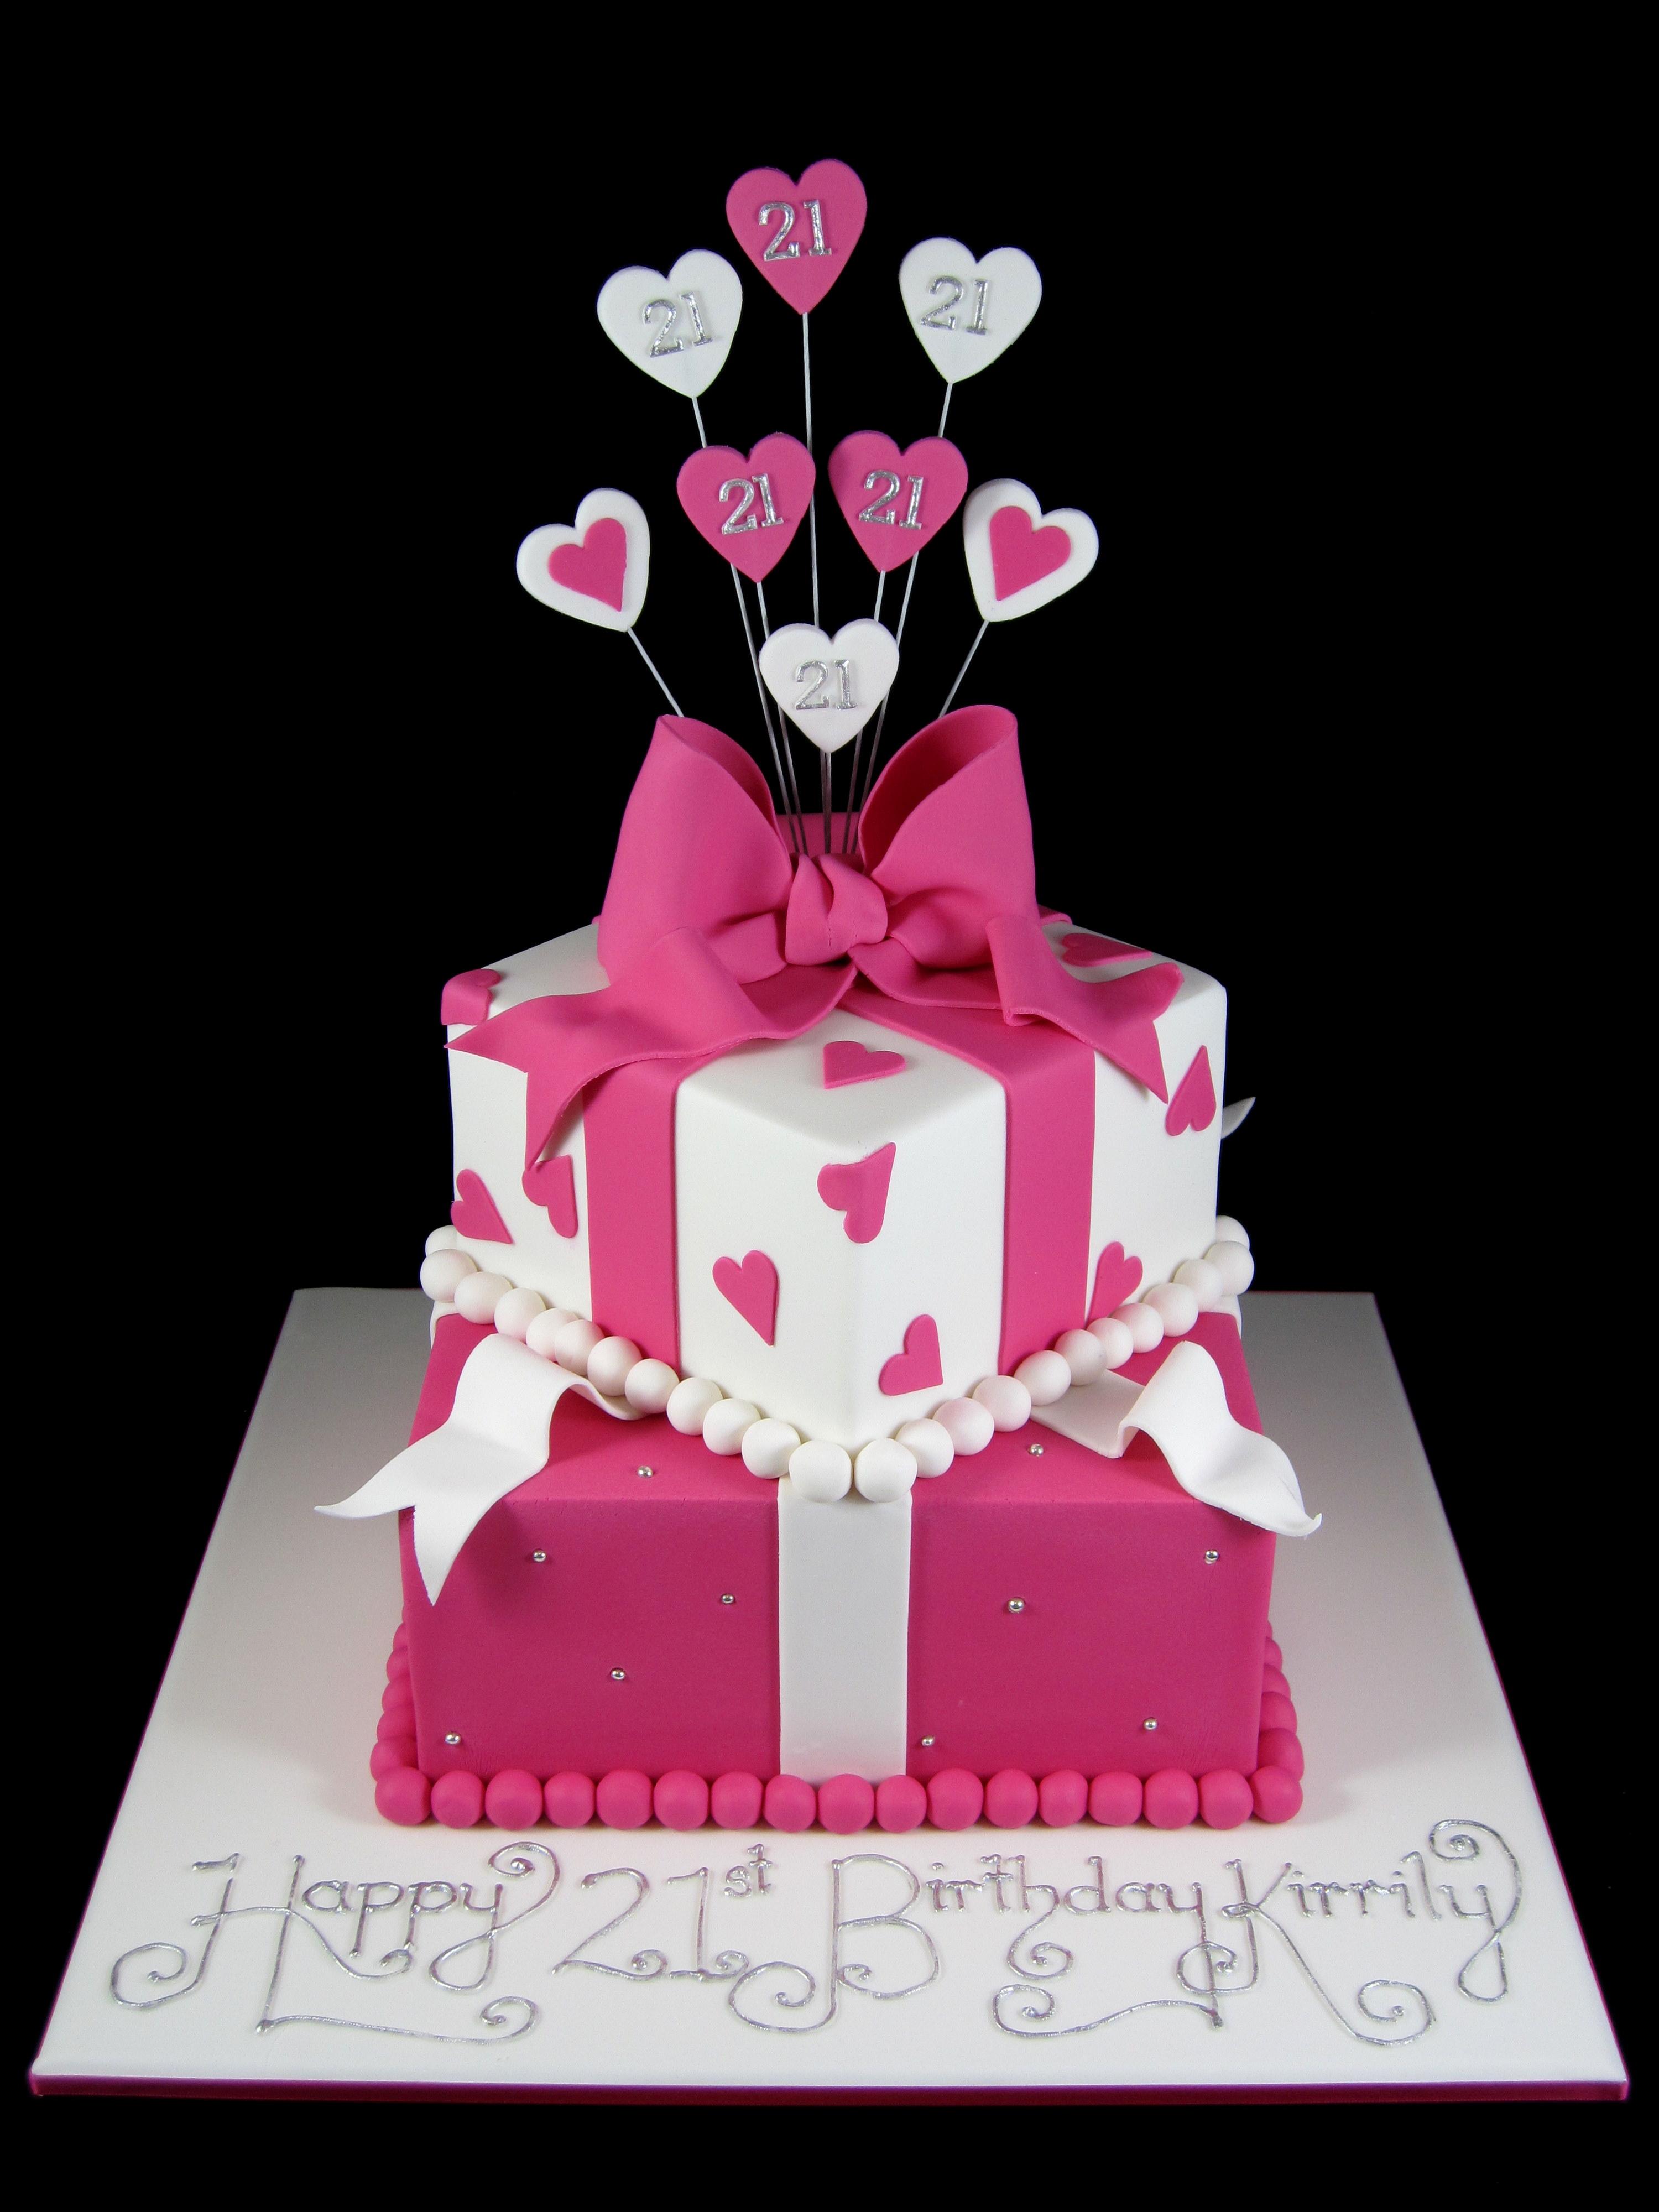 Tremendous 10 Unique 21St Birthday Cakes Photo 21St Birthday Cake Idea Personalised Birthday Cards Xaembasilily Jamesorg